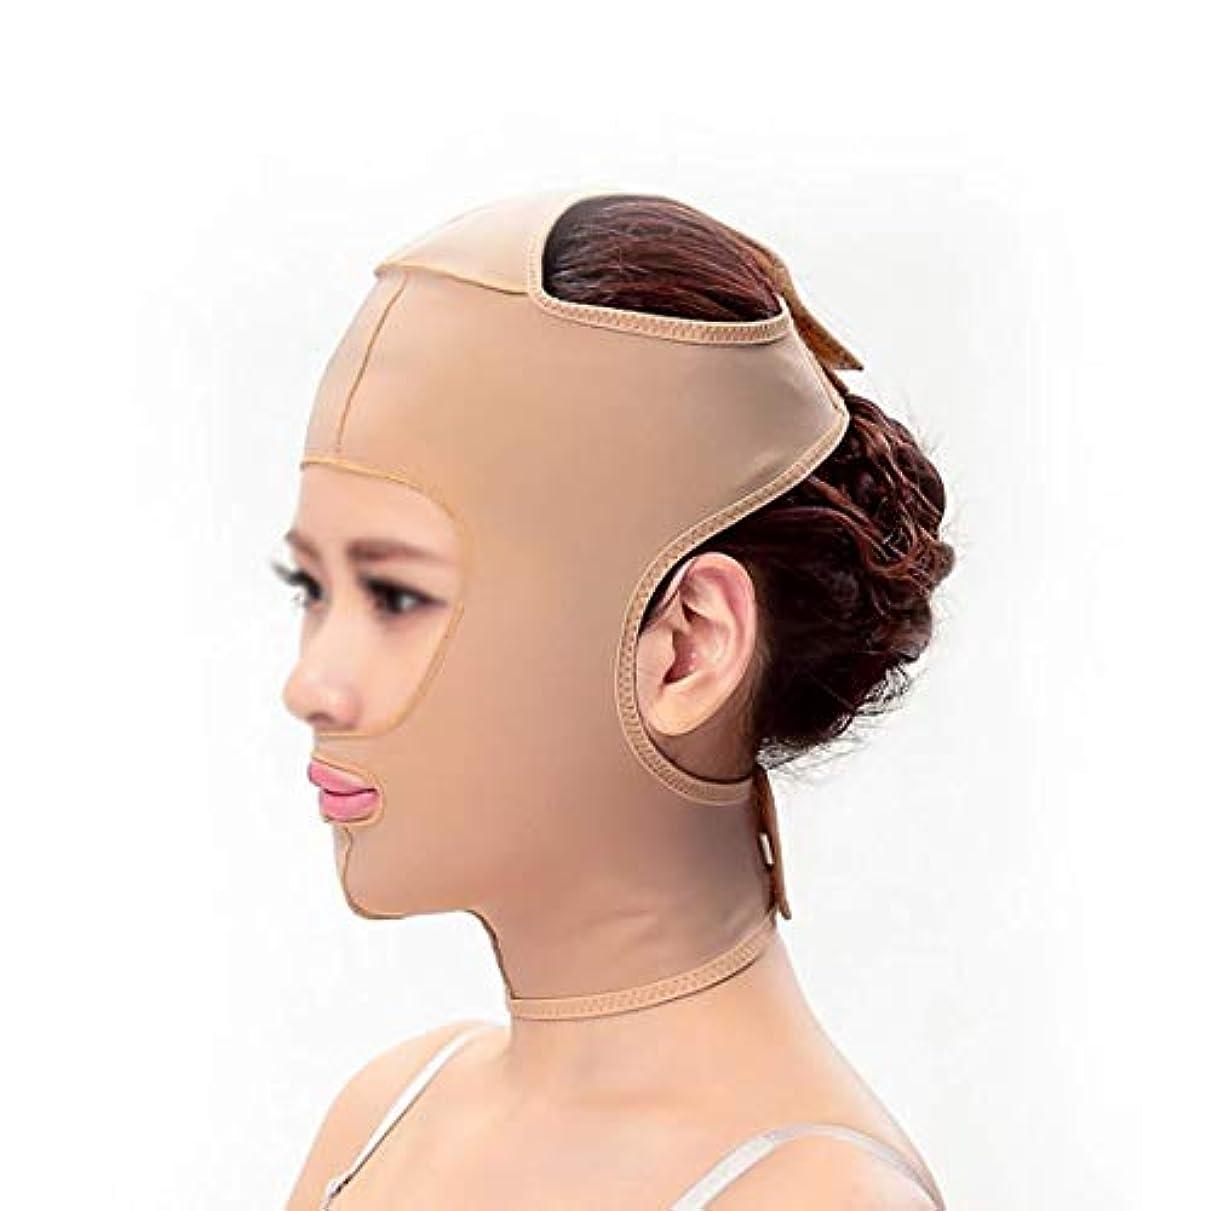 重くする没頭する平らなスリミングベルト、フェイシャルマスク薄いフェイスマスク布布パターンを持ち上げるダブルあご引き締めフェイシャルプラスチック顔アーティファクト強力な顔包帯(サイズ:XXL)